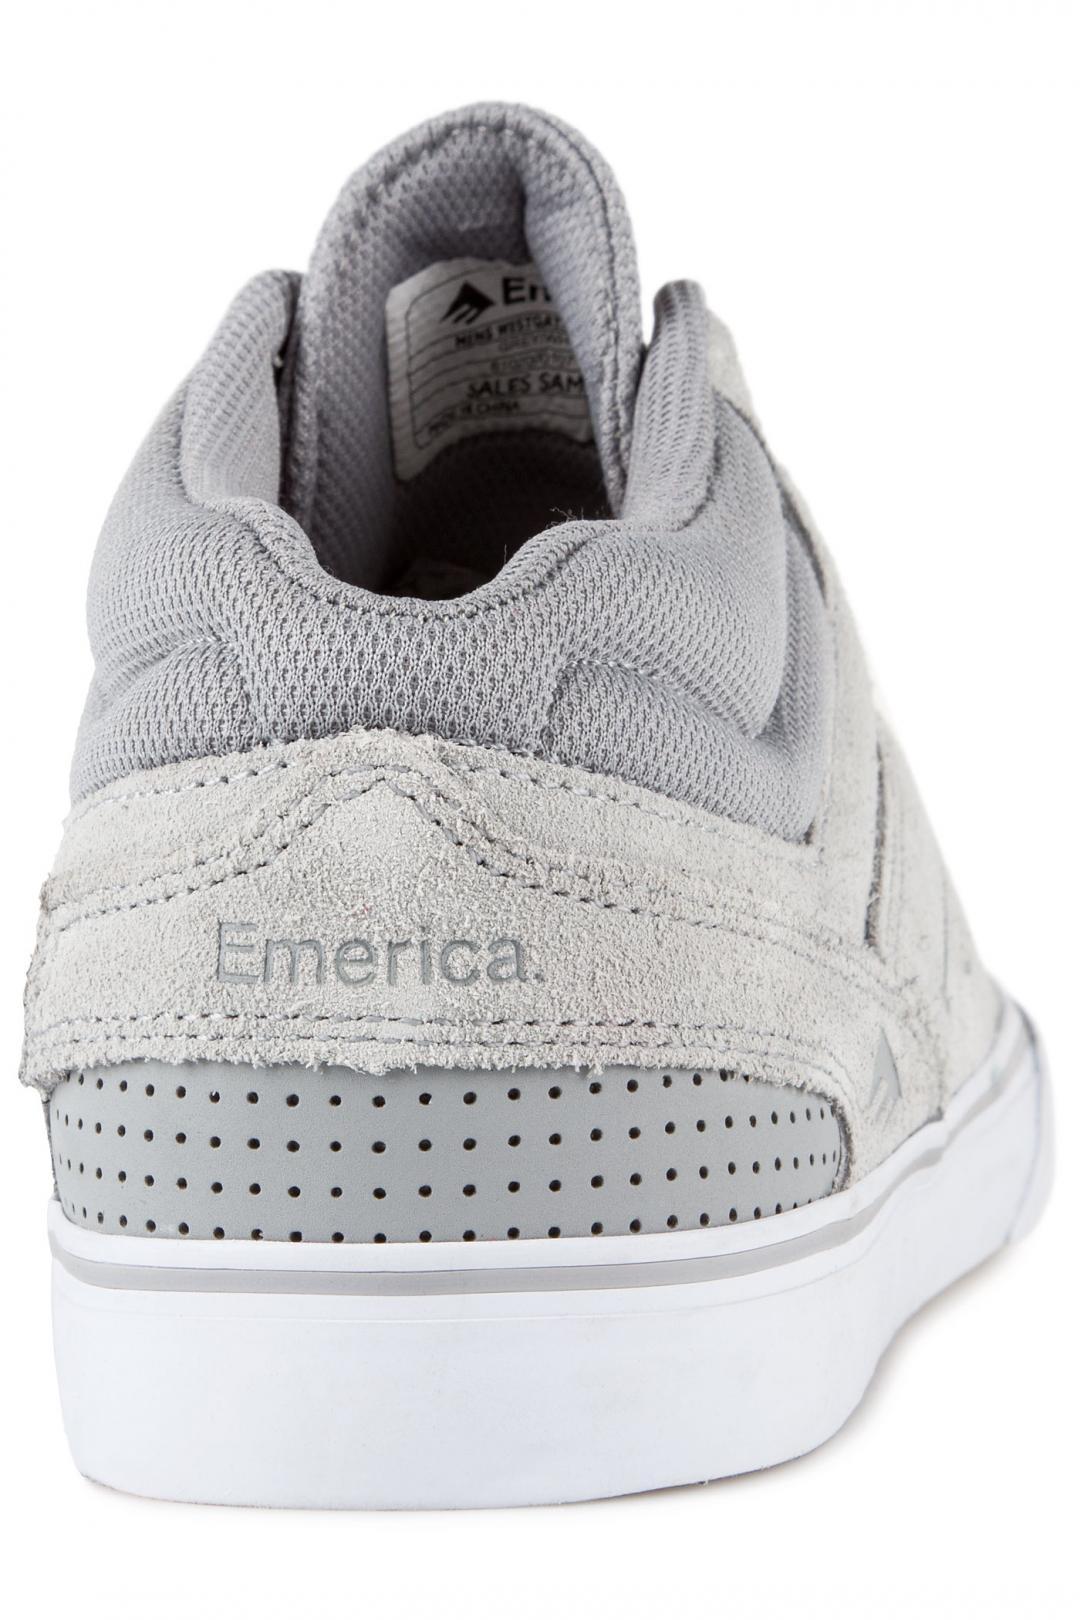 Uomo Emerica The Westgate Mid Vulc grey white   Scarpe da skate